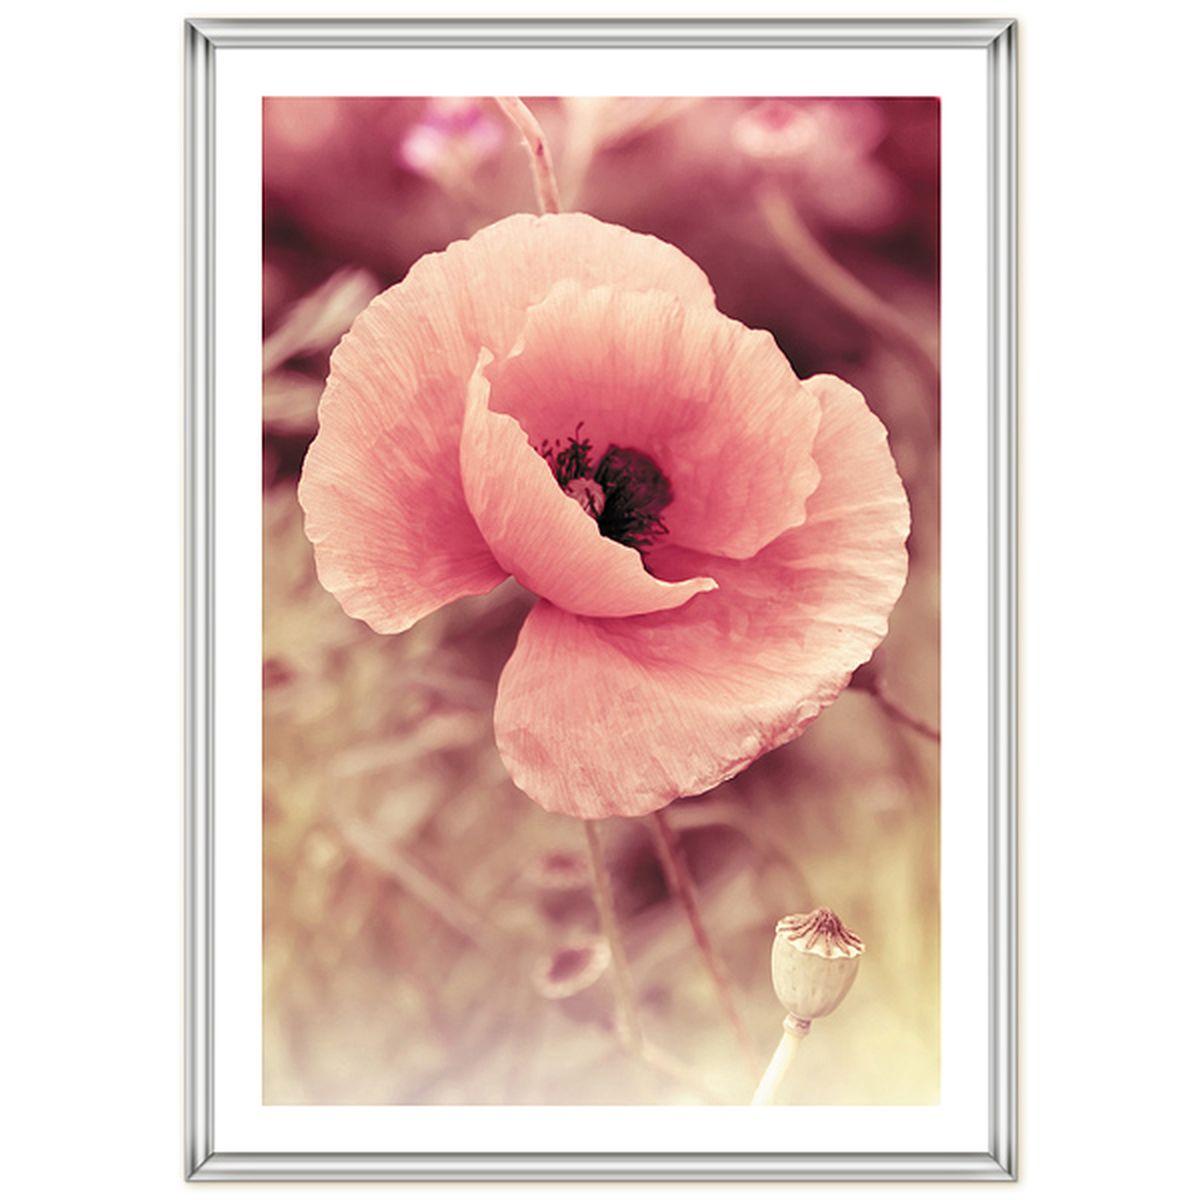 Фоторамка Pioneer Poster Silver, 40 x 60 см38195Рамка для фото формата 40х60 см.Материал: пластик.Материалы, использованные в изготовлении рамок, обеспечивают высокое качество хранения Ваших фотографий, поэтому фотографии не желтеют со временем.